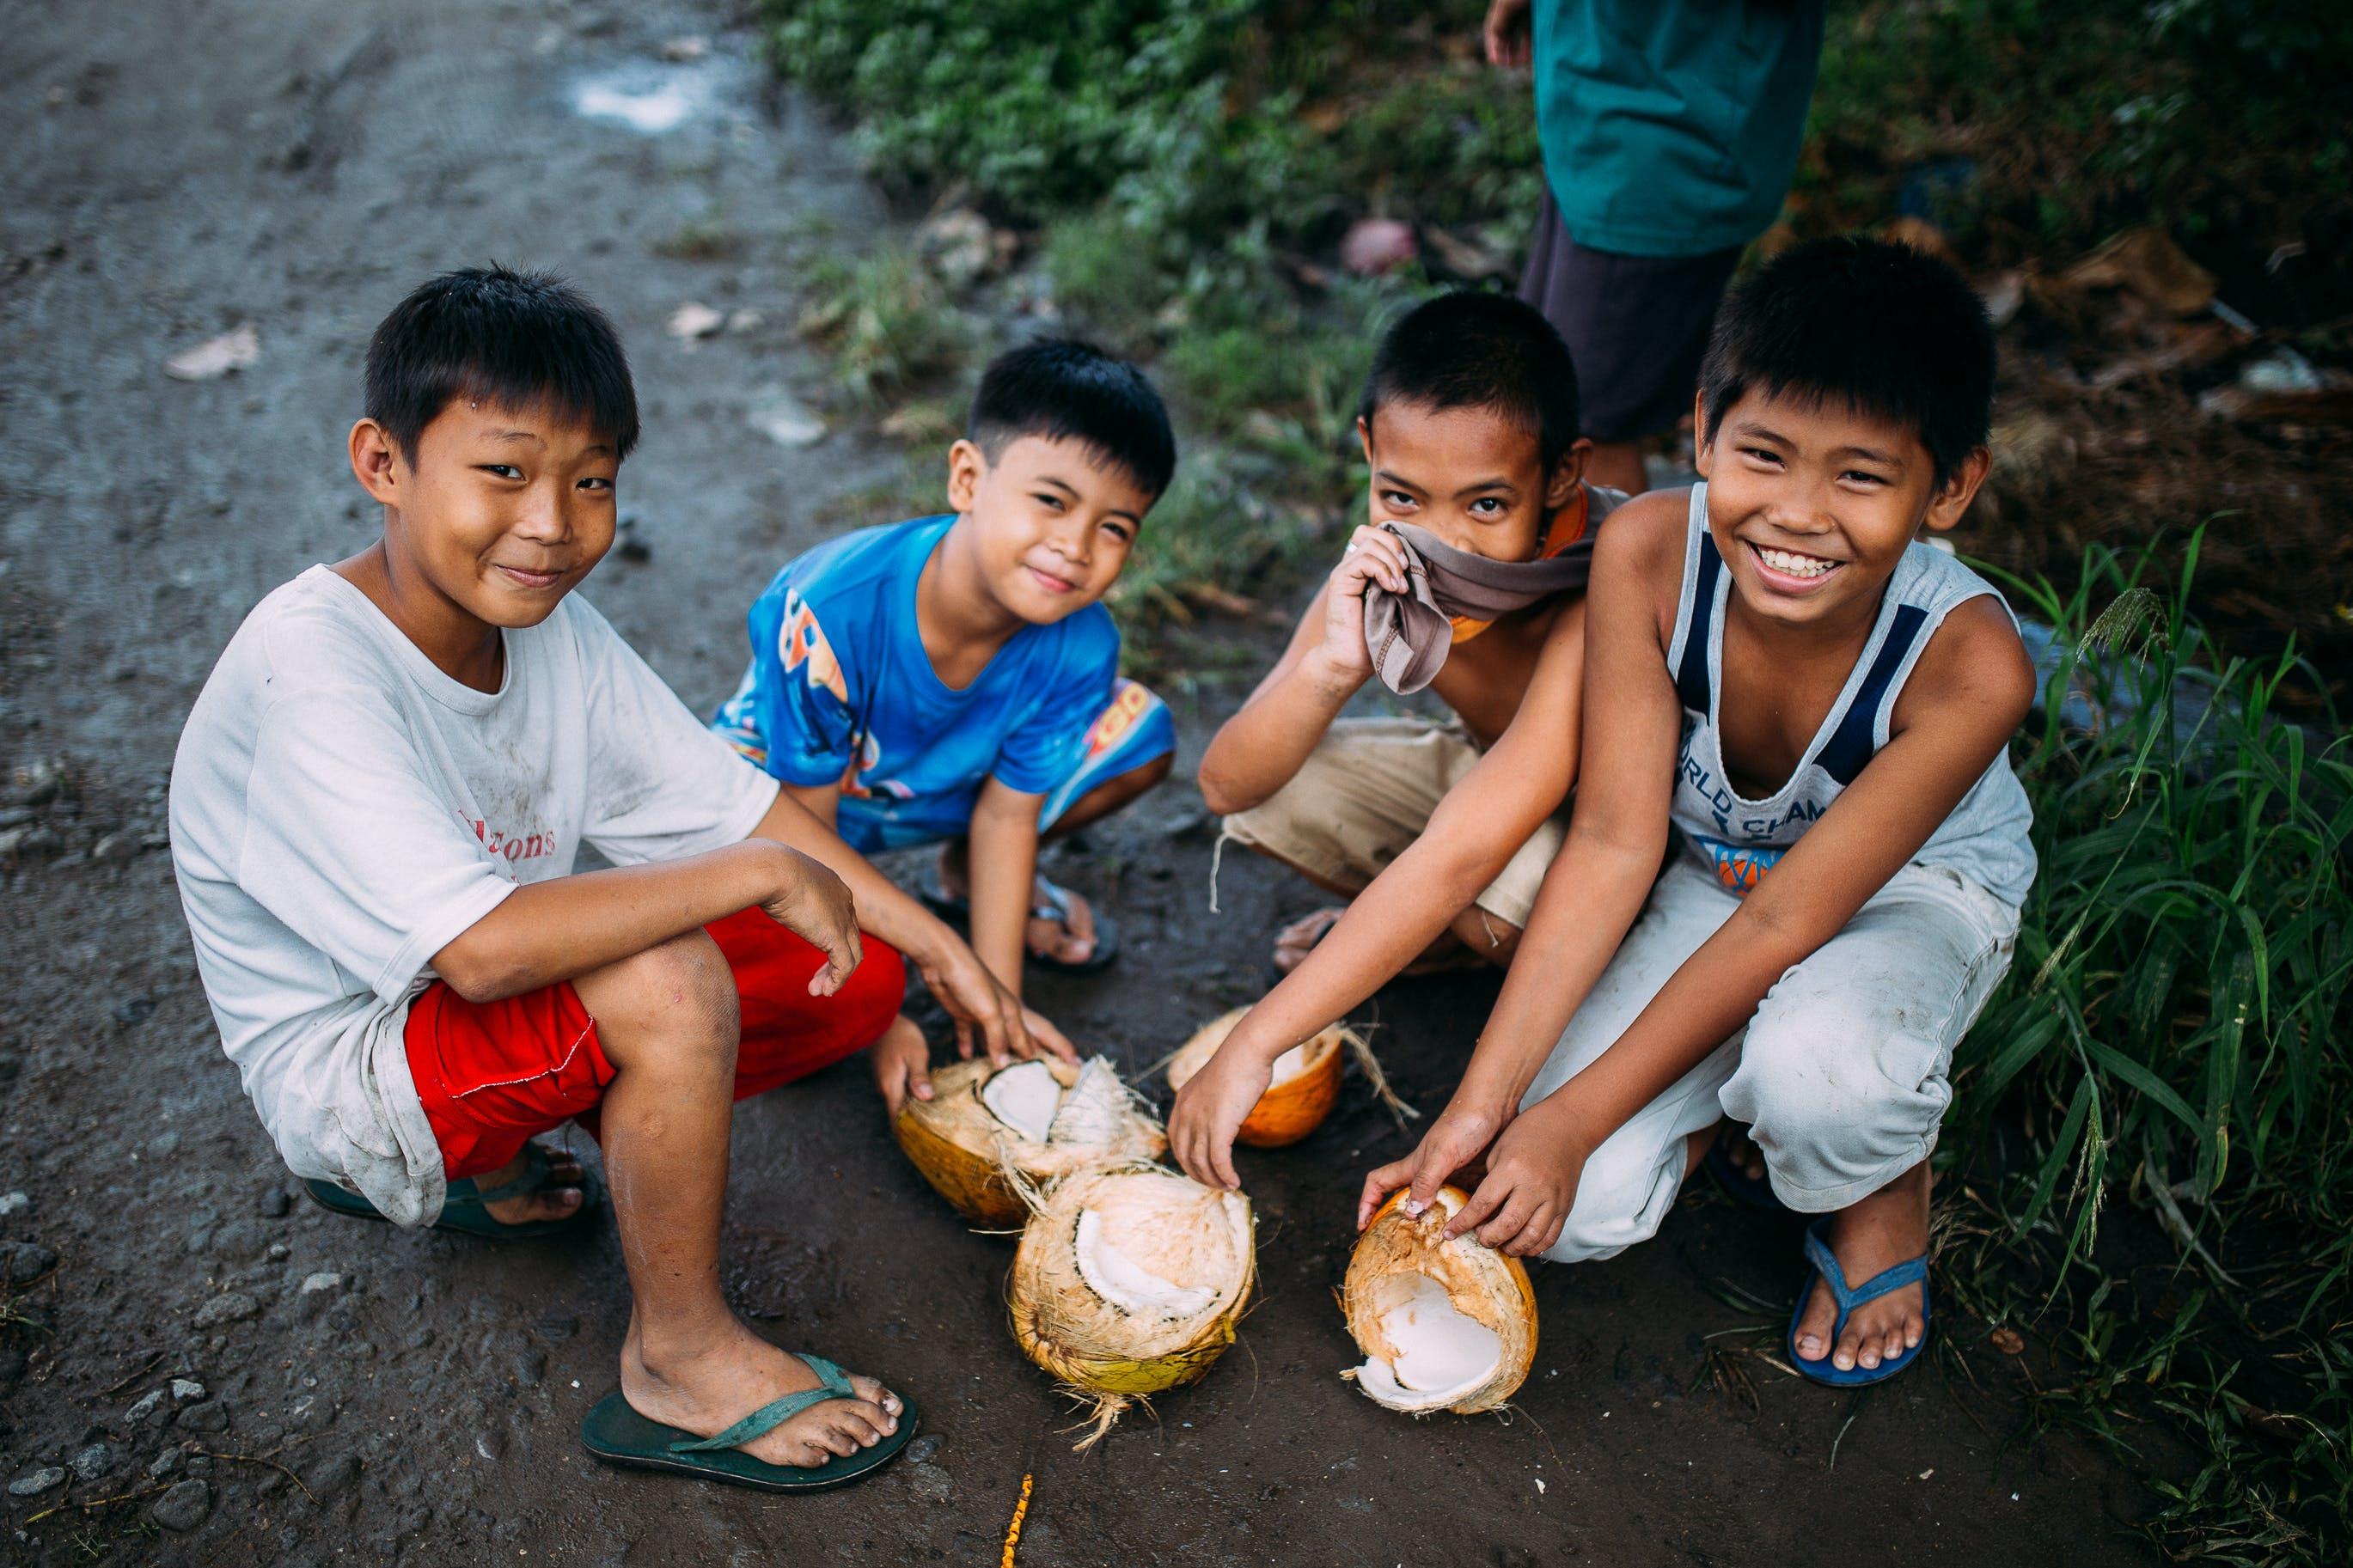 Gratis stockfoto met Aziatische mensen, blijdschap, broers en zussen, gezichtsuitdrukking